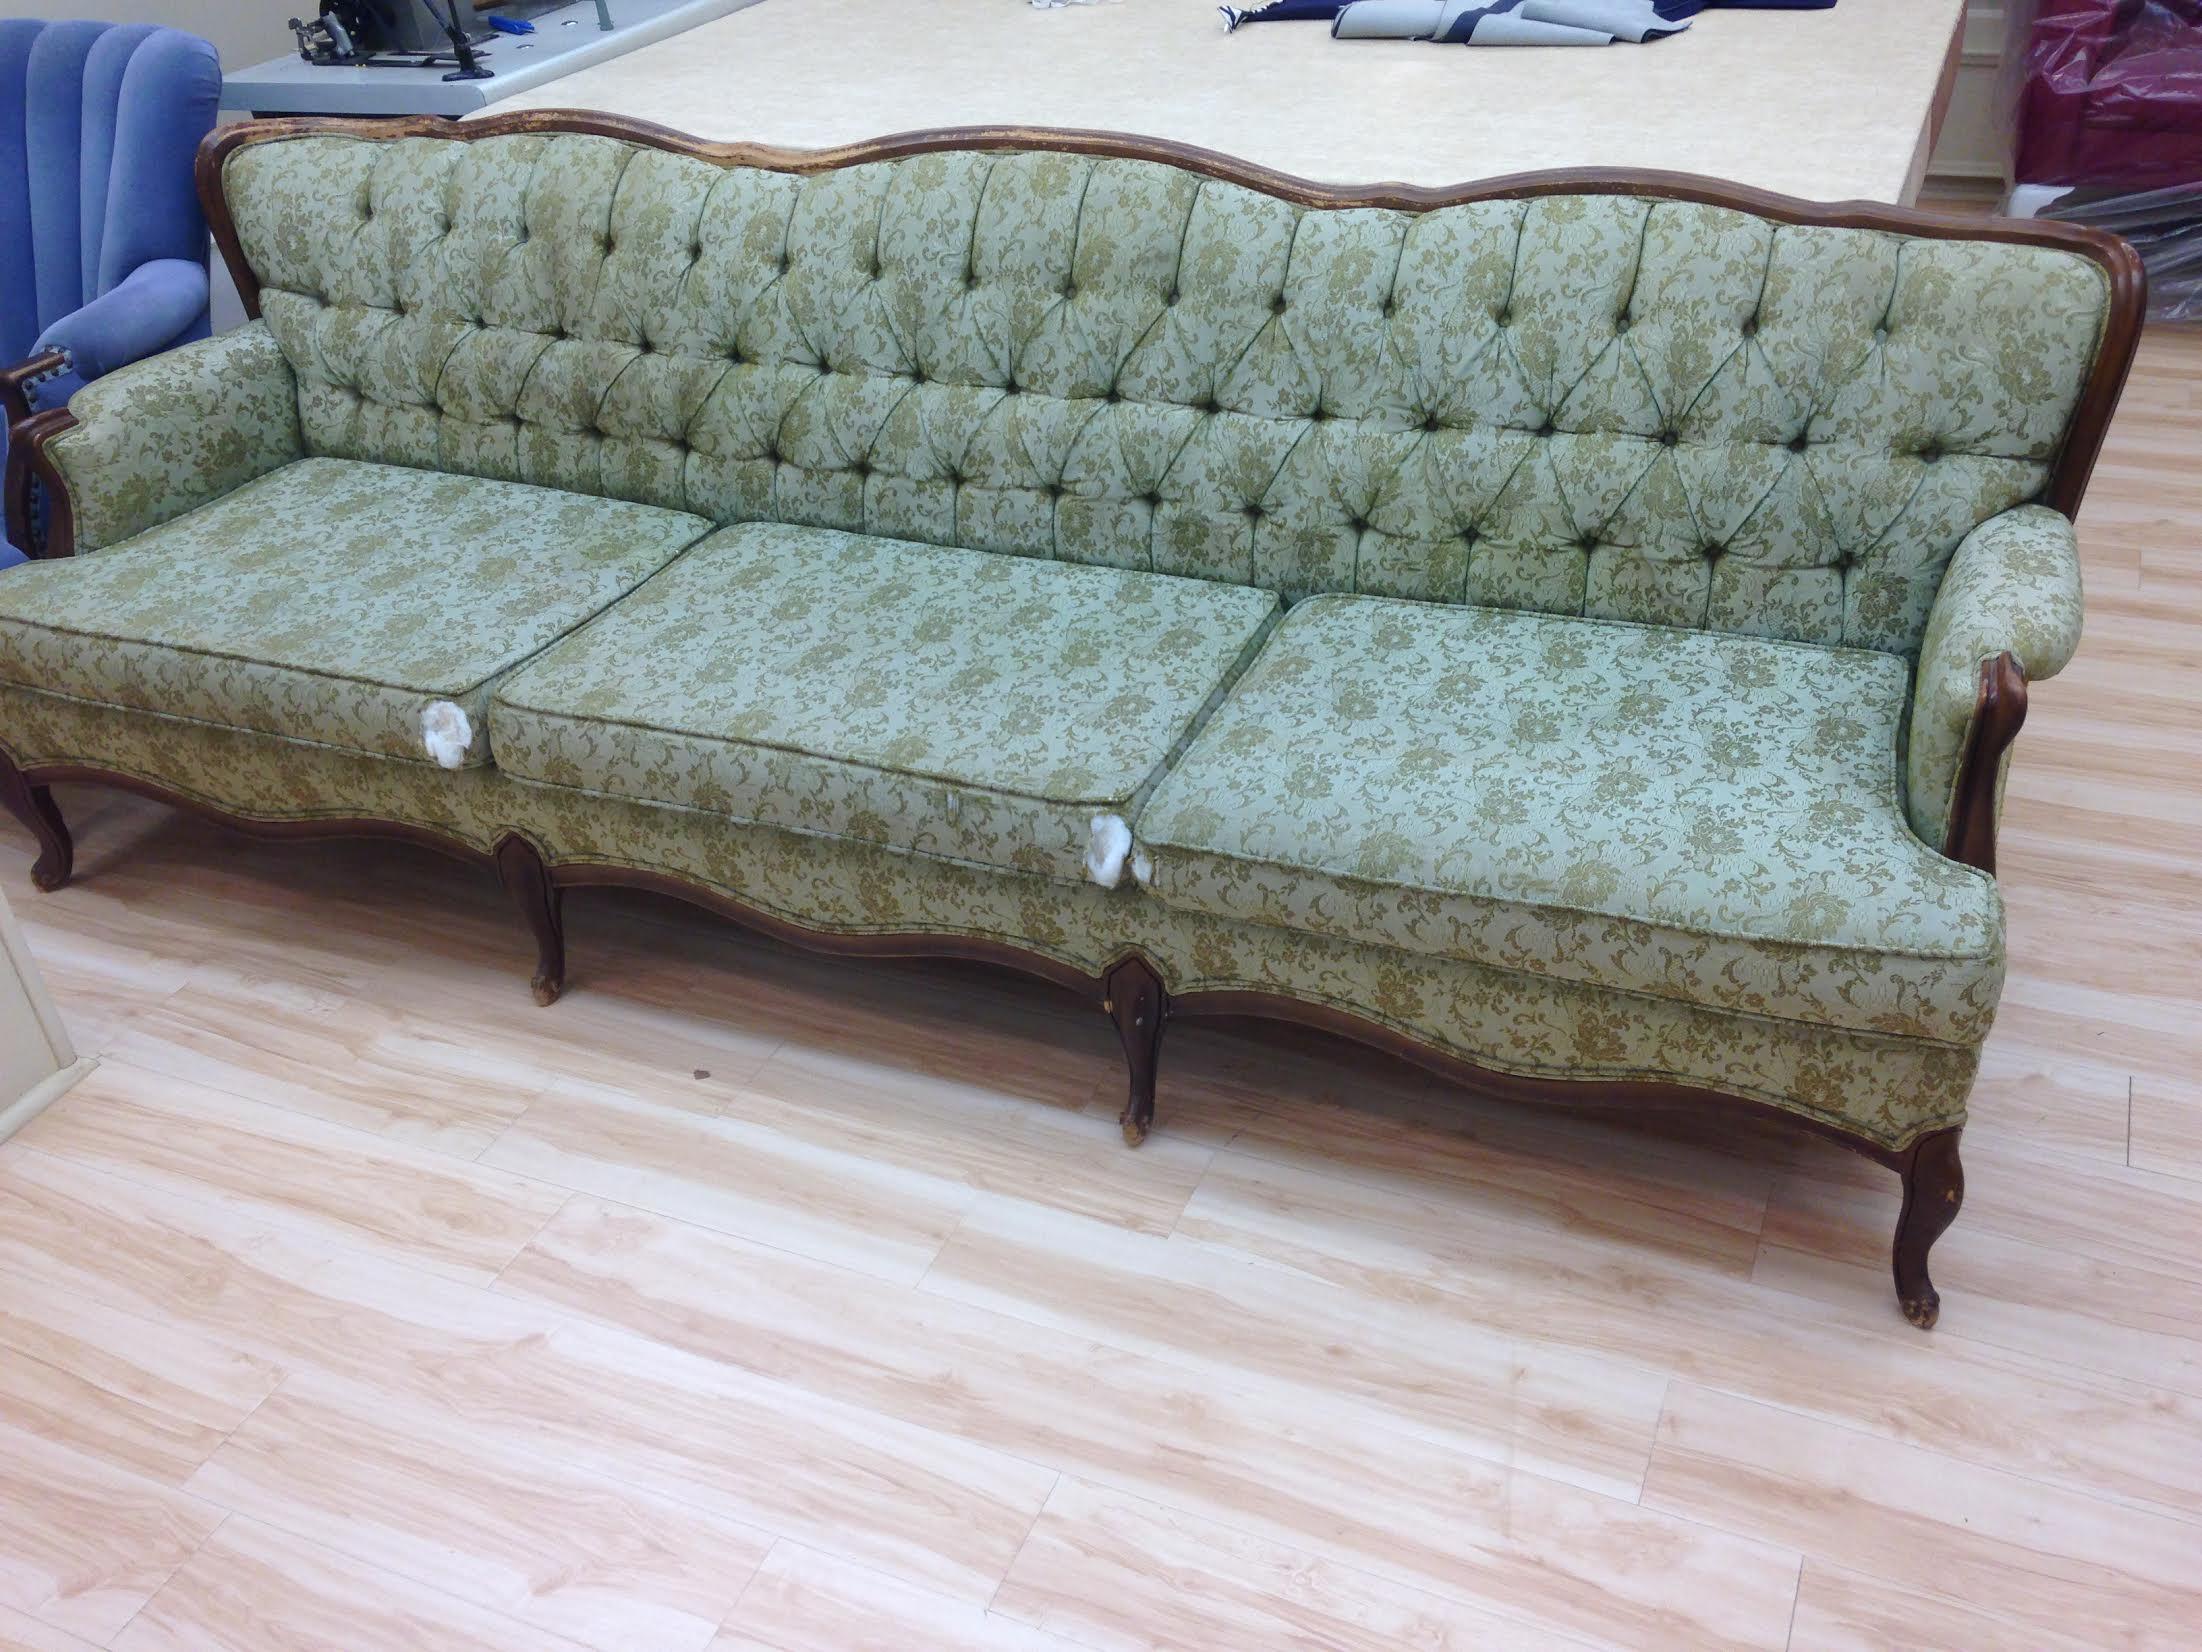 Sofa upholstery repair leather sofa upholstery repair for Furniture repair seattle